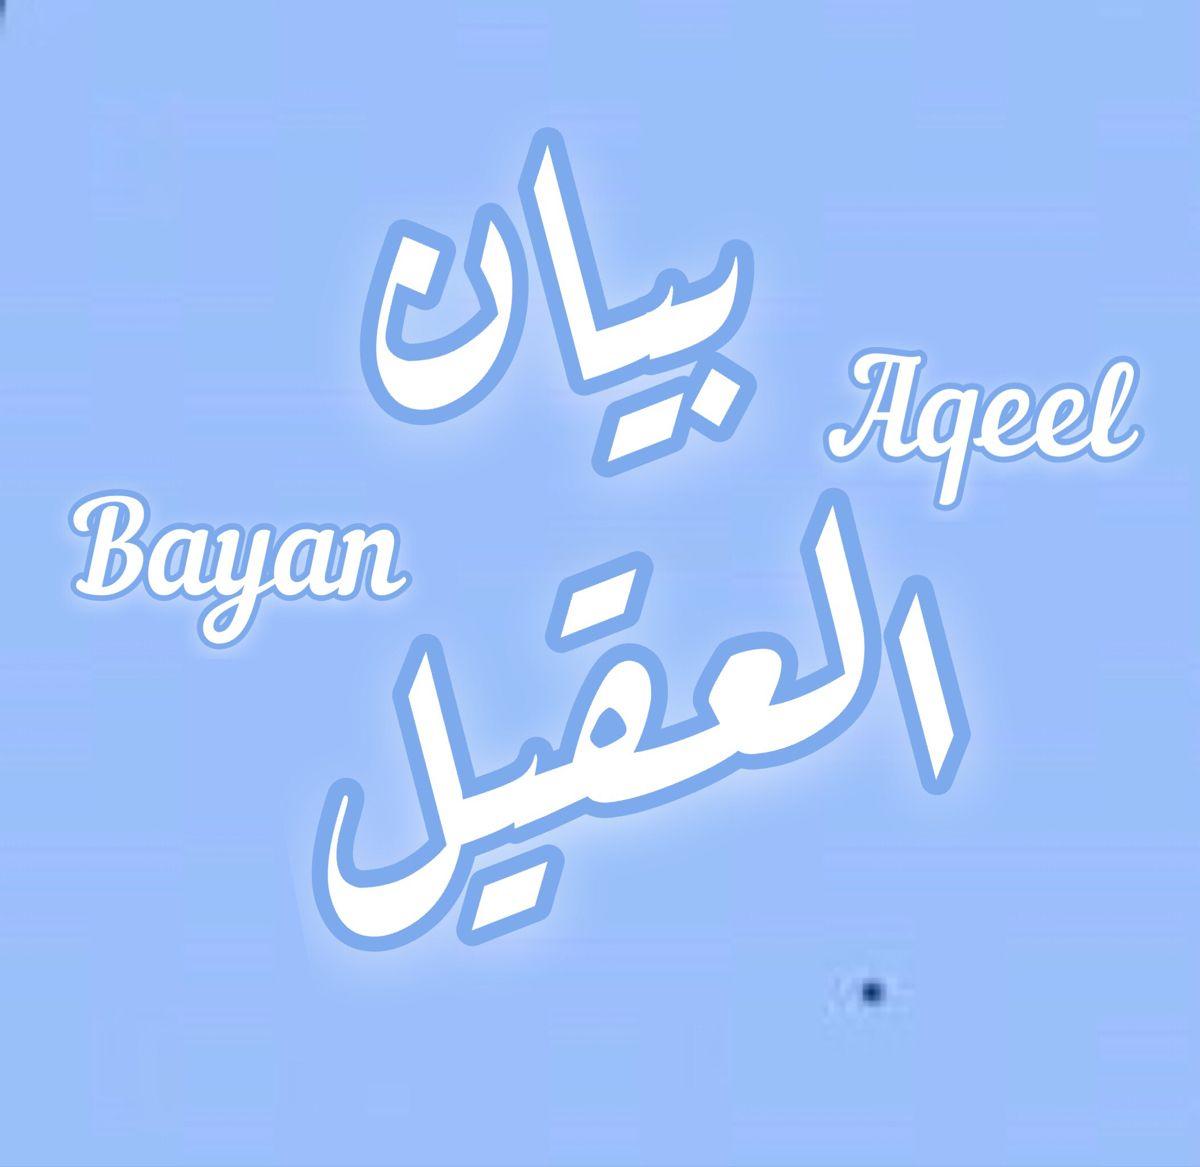 حياكم بحسابي الجميل الي راح يعجبكم بإذن الله بيان عقيل Neon Signs Neon Arabic Calligraphy